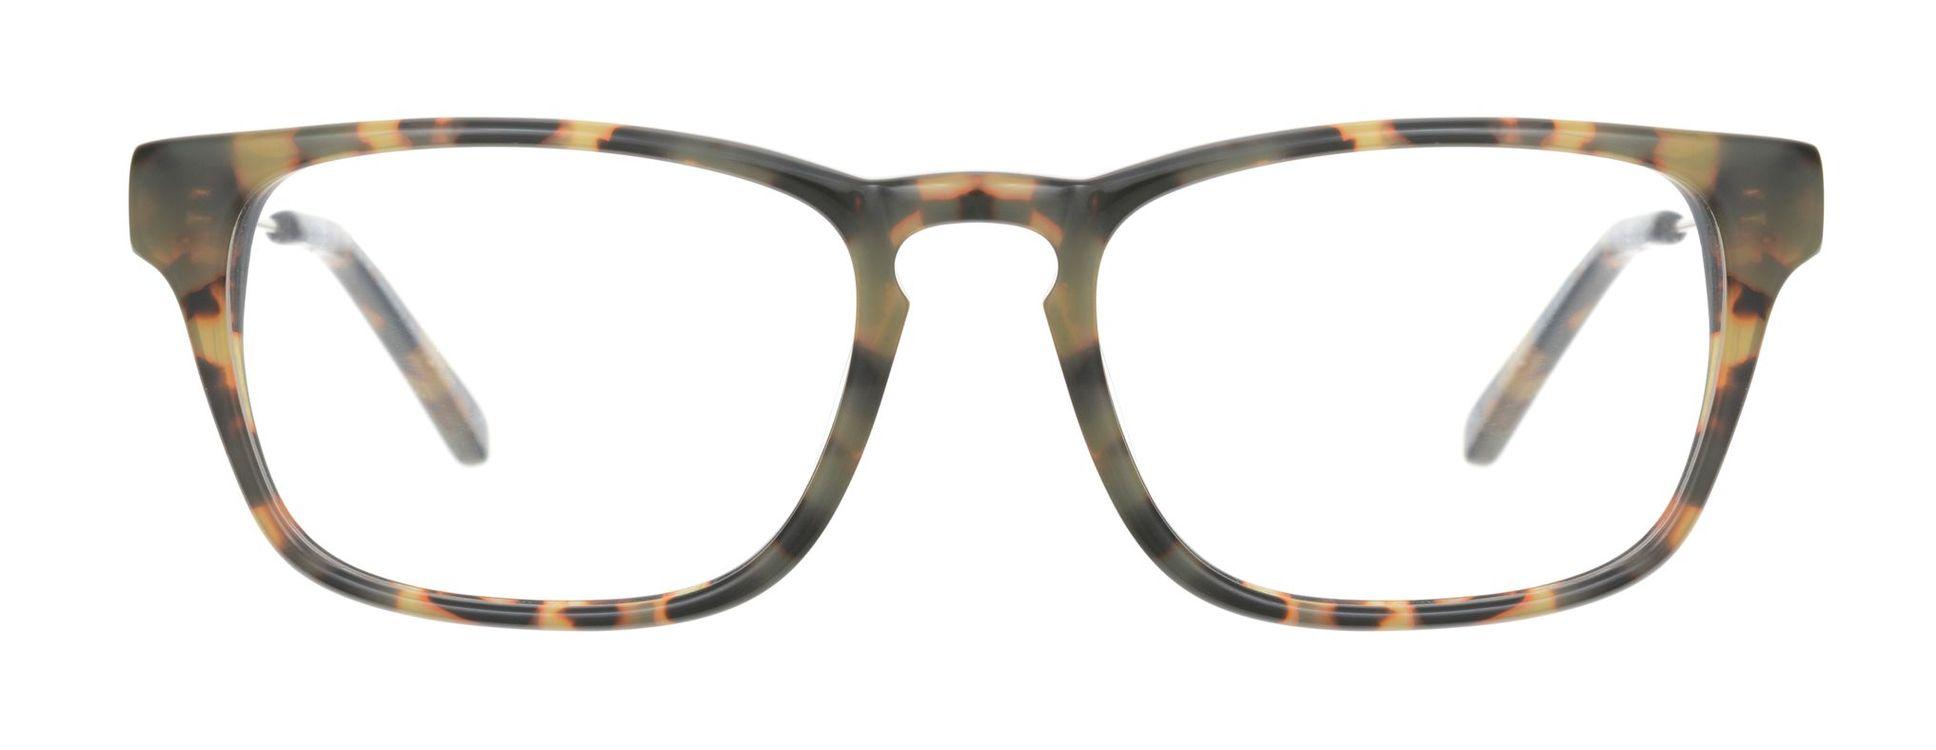 LIEBESKIND Berlin Eyewear (Bild 2)